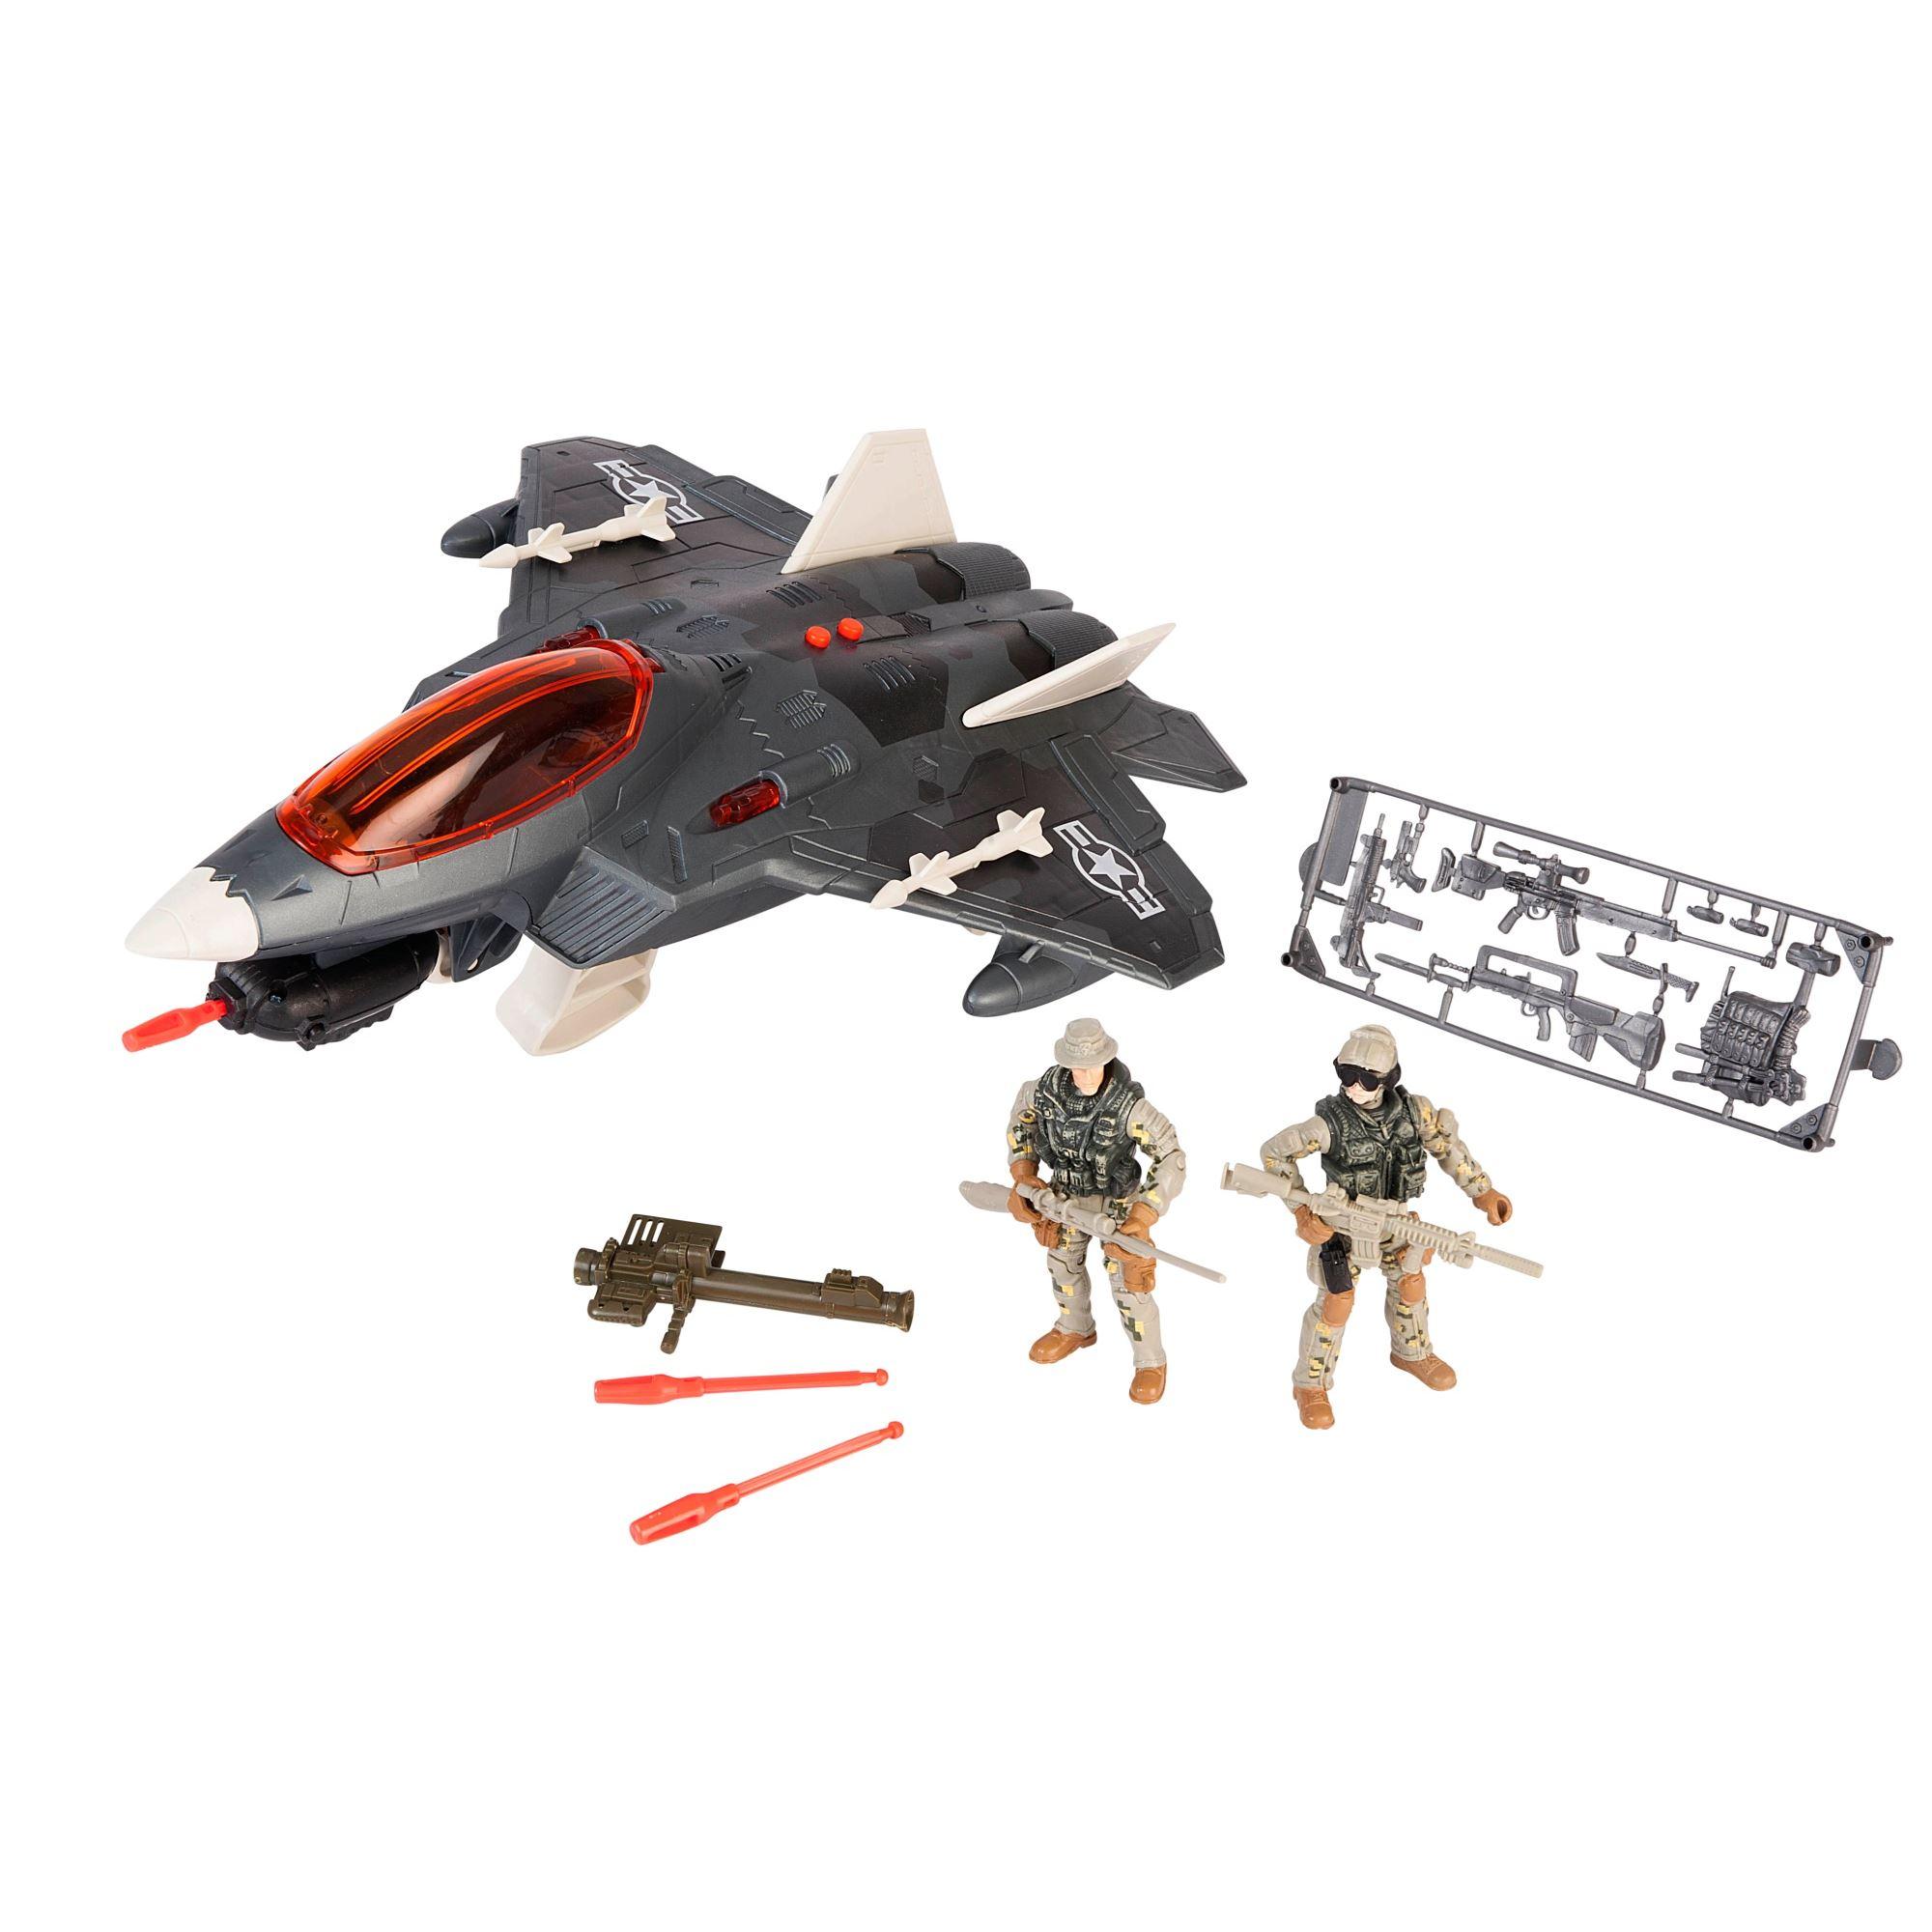 Купить Игровой набор Soldier Force - Фронтовой бомбардировщик, Chap Mei, Китай, пластик, Наборы игровые